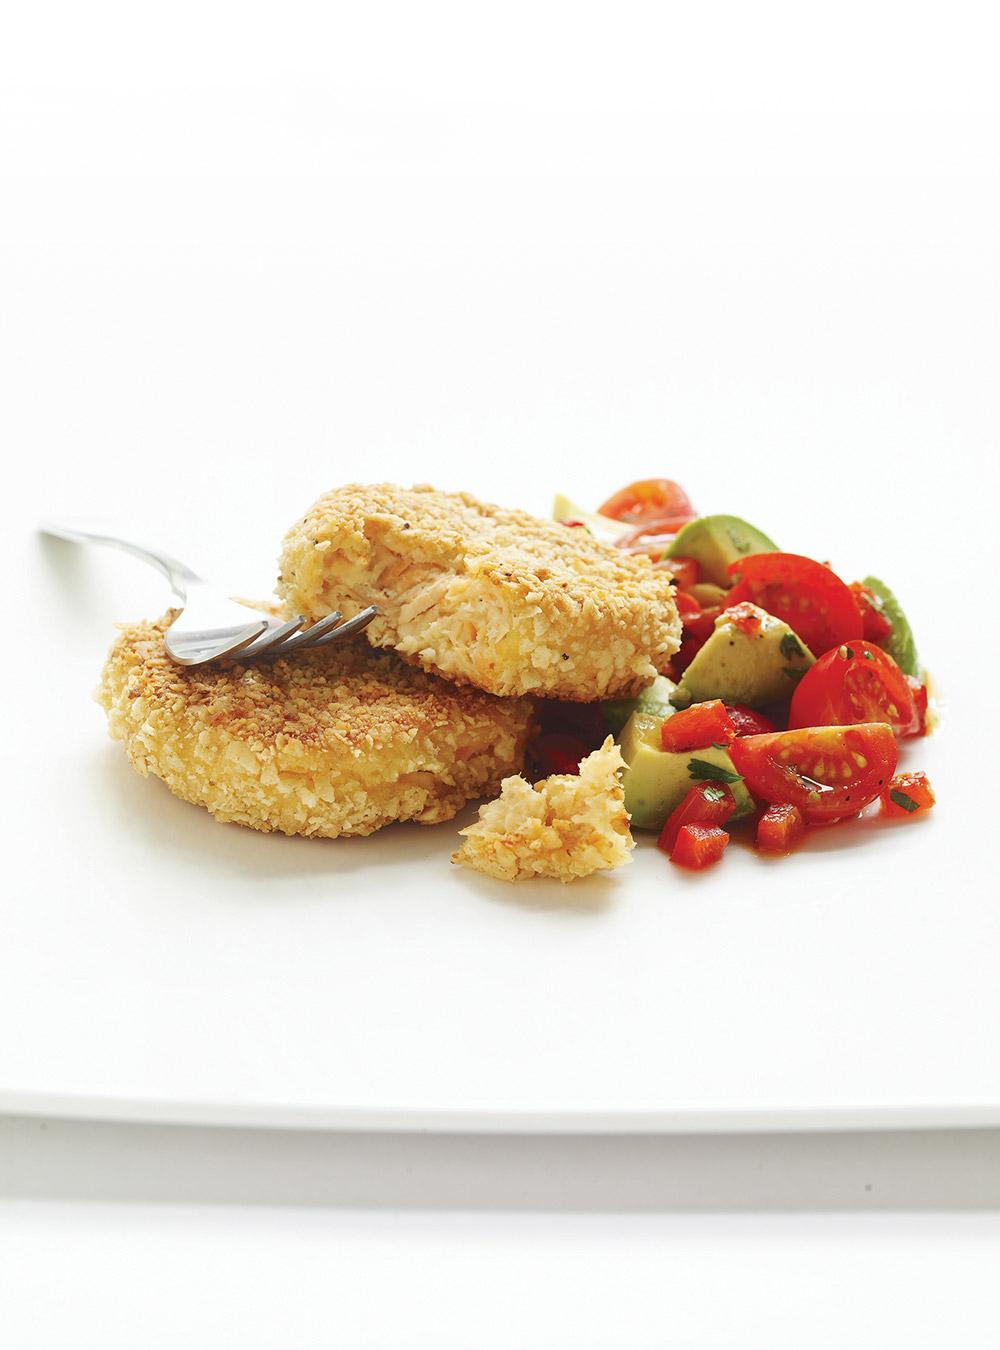 Croquettes de saumon et salsa | ricardo